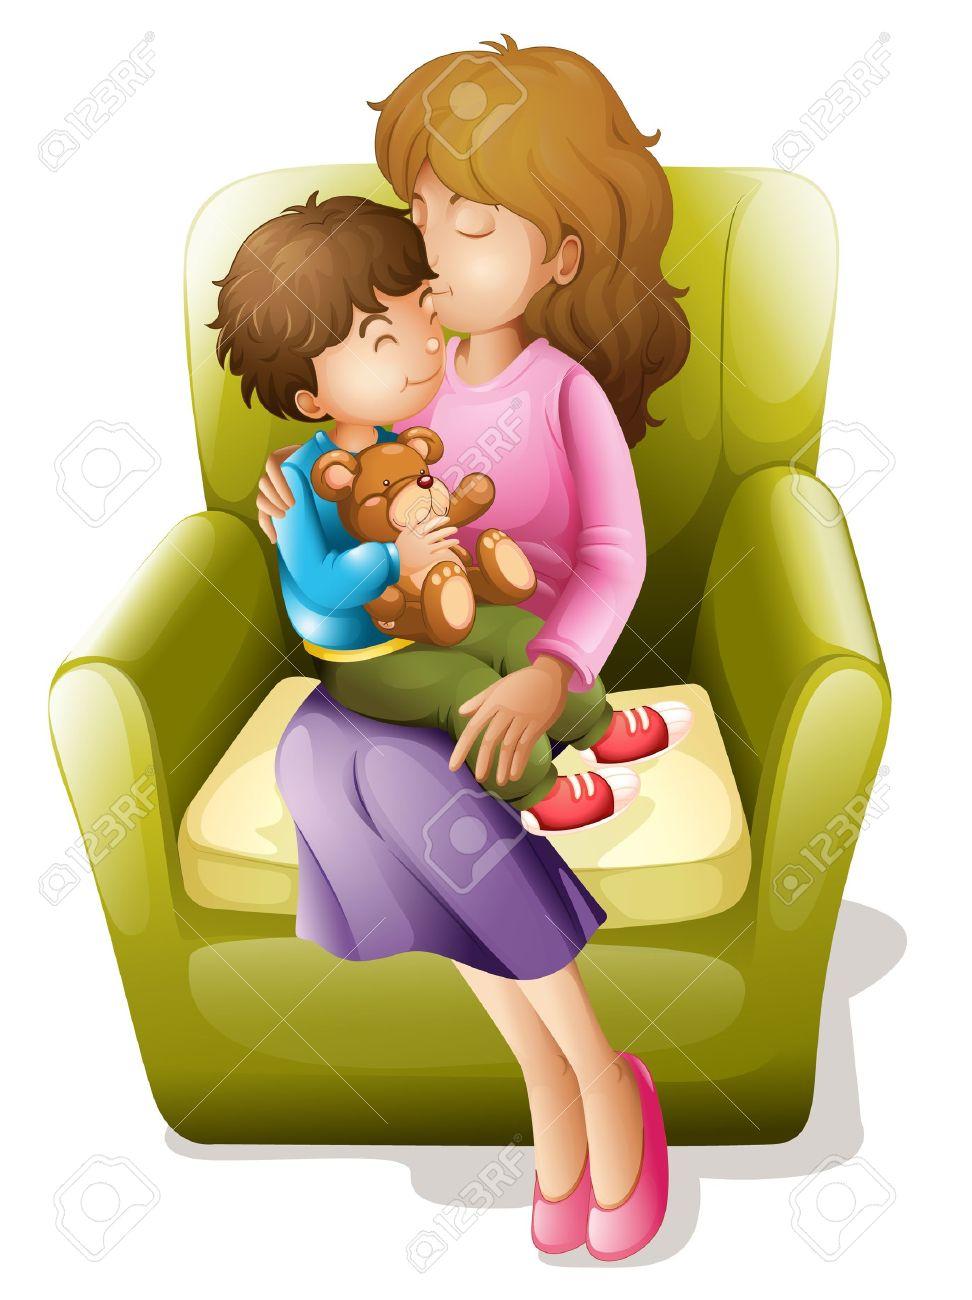 Рисованные картинки сын и мама 7 фотография